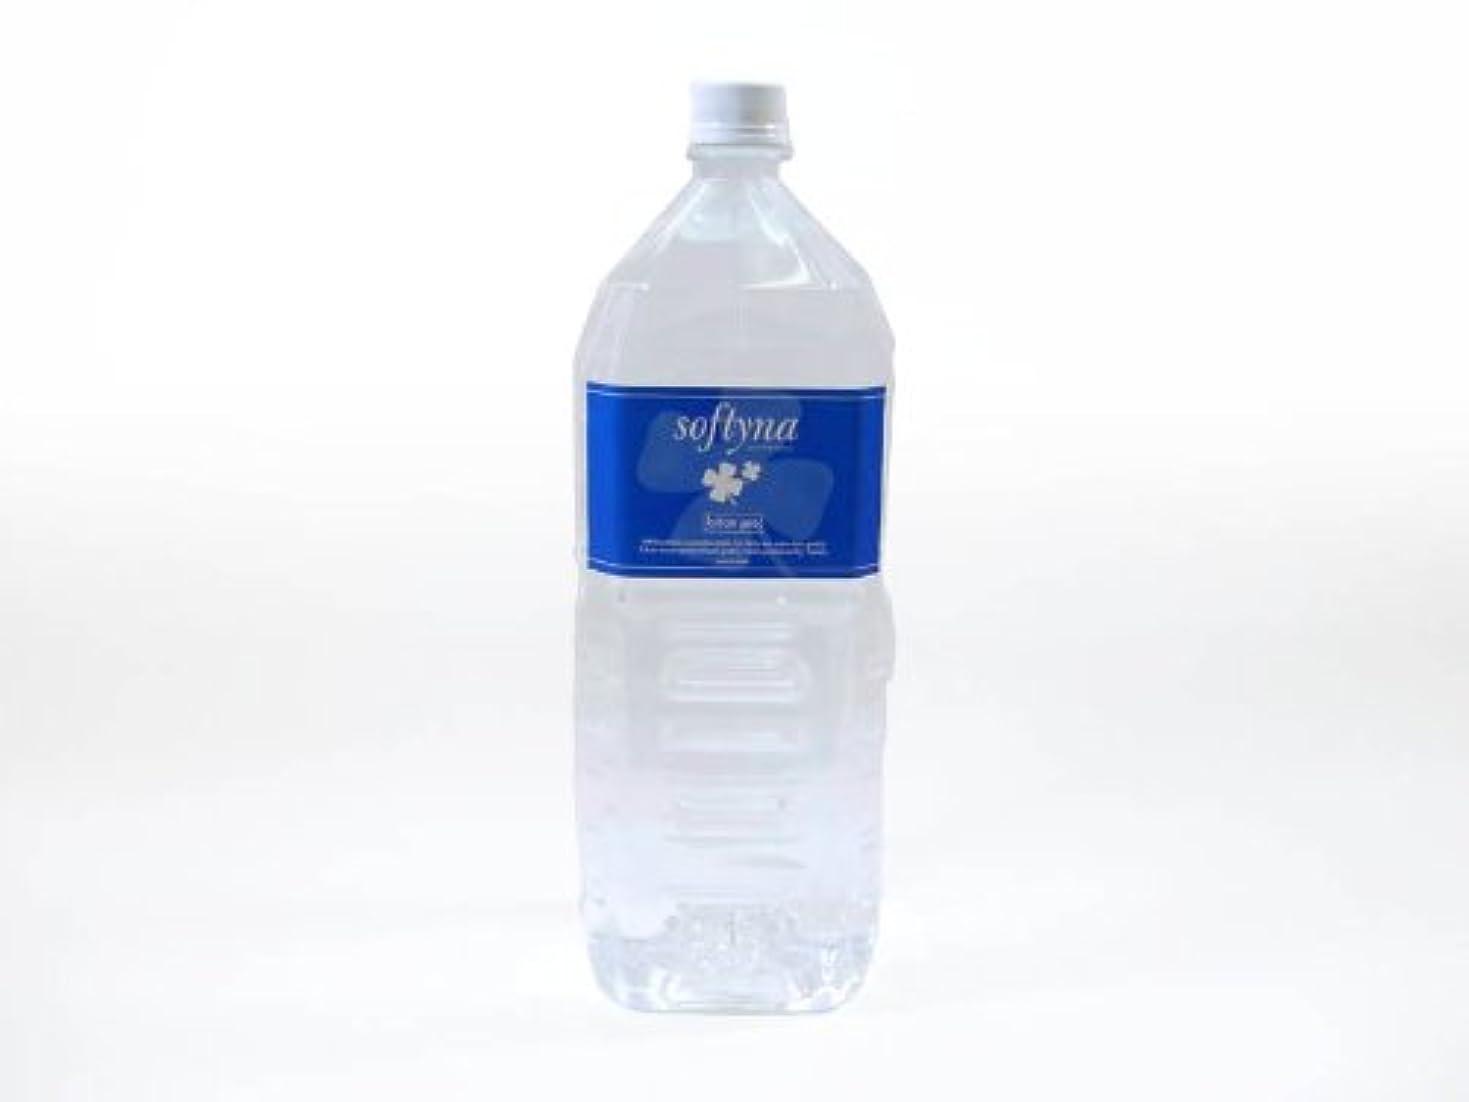 かまど毒タイマー業務用 ソフティナローション 2L 潤滑剤